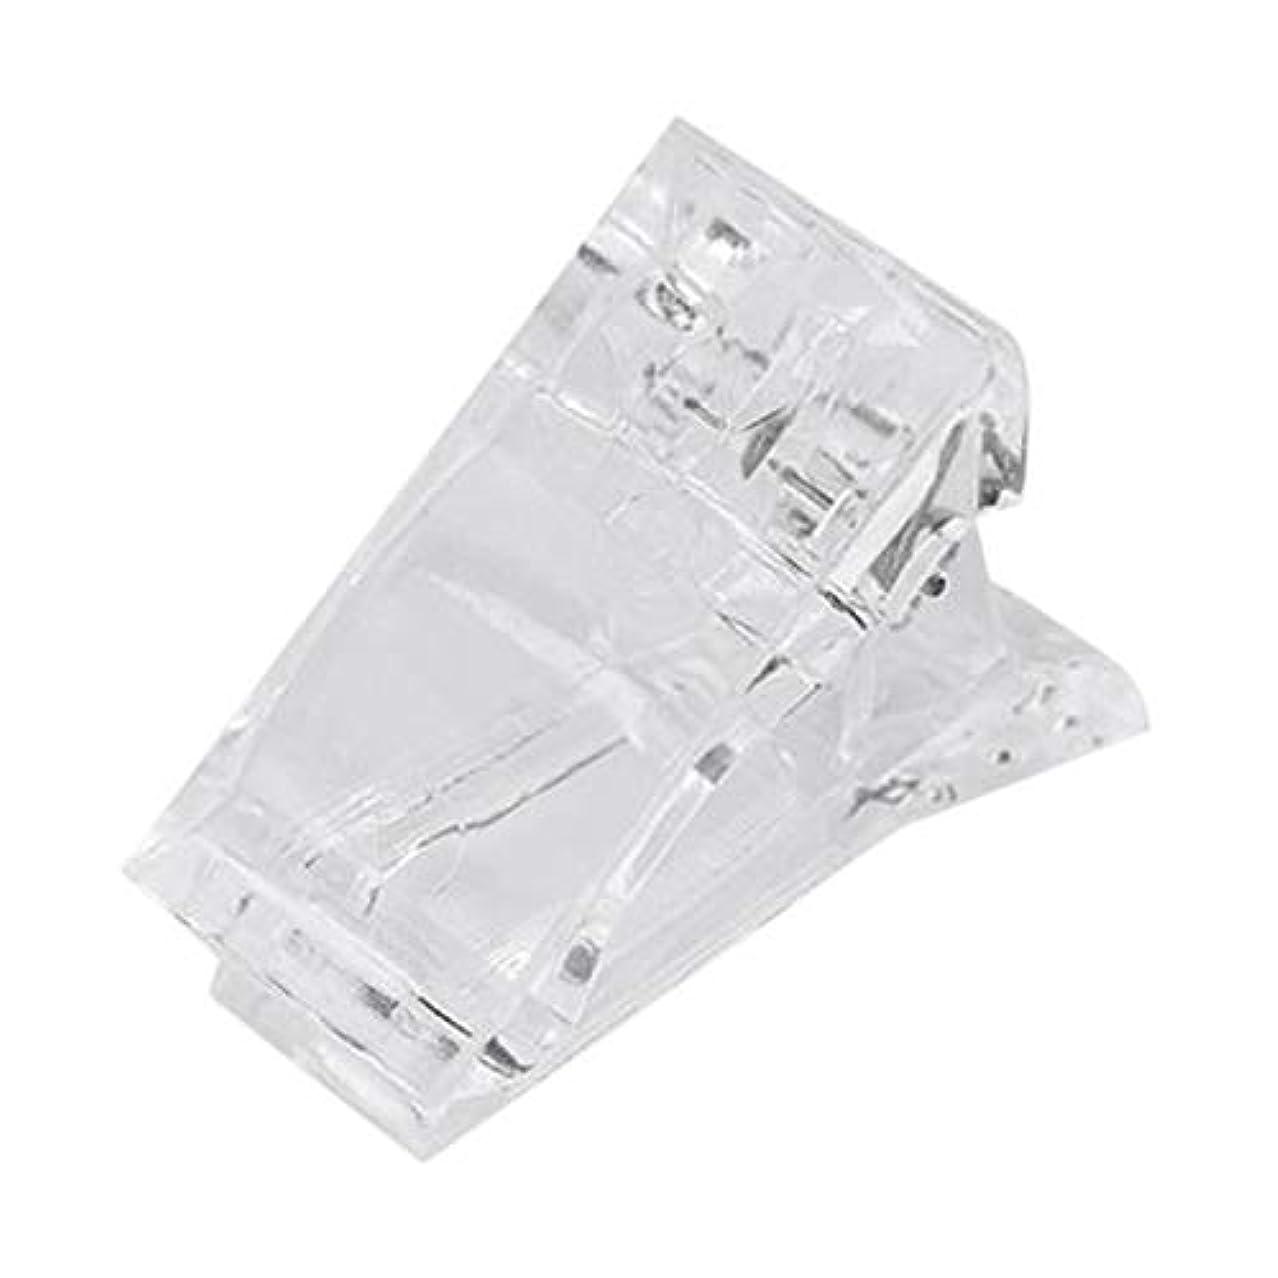 マスタードゴミ箱滑るTOOGOO ネイルのクリップ 透明指ポリクイック ビルディングジェルエクステンション ネイルアート マニキュアツール アクセサリー 偽ネイル